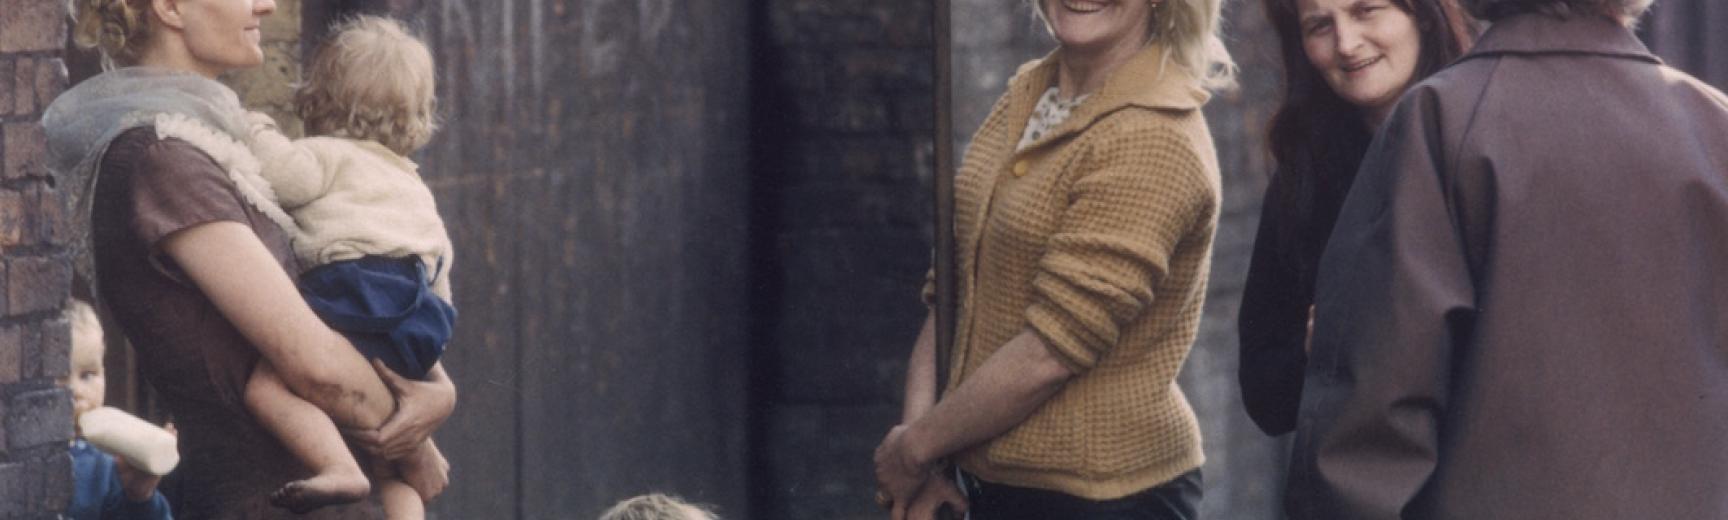 shirley baker women in manchester